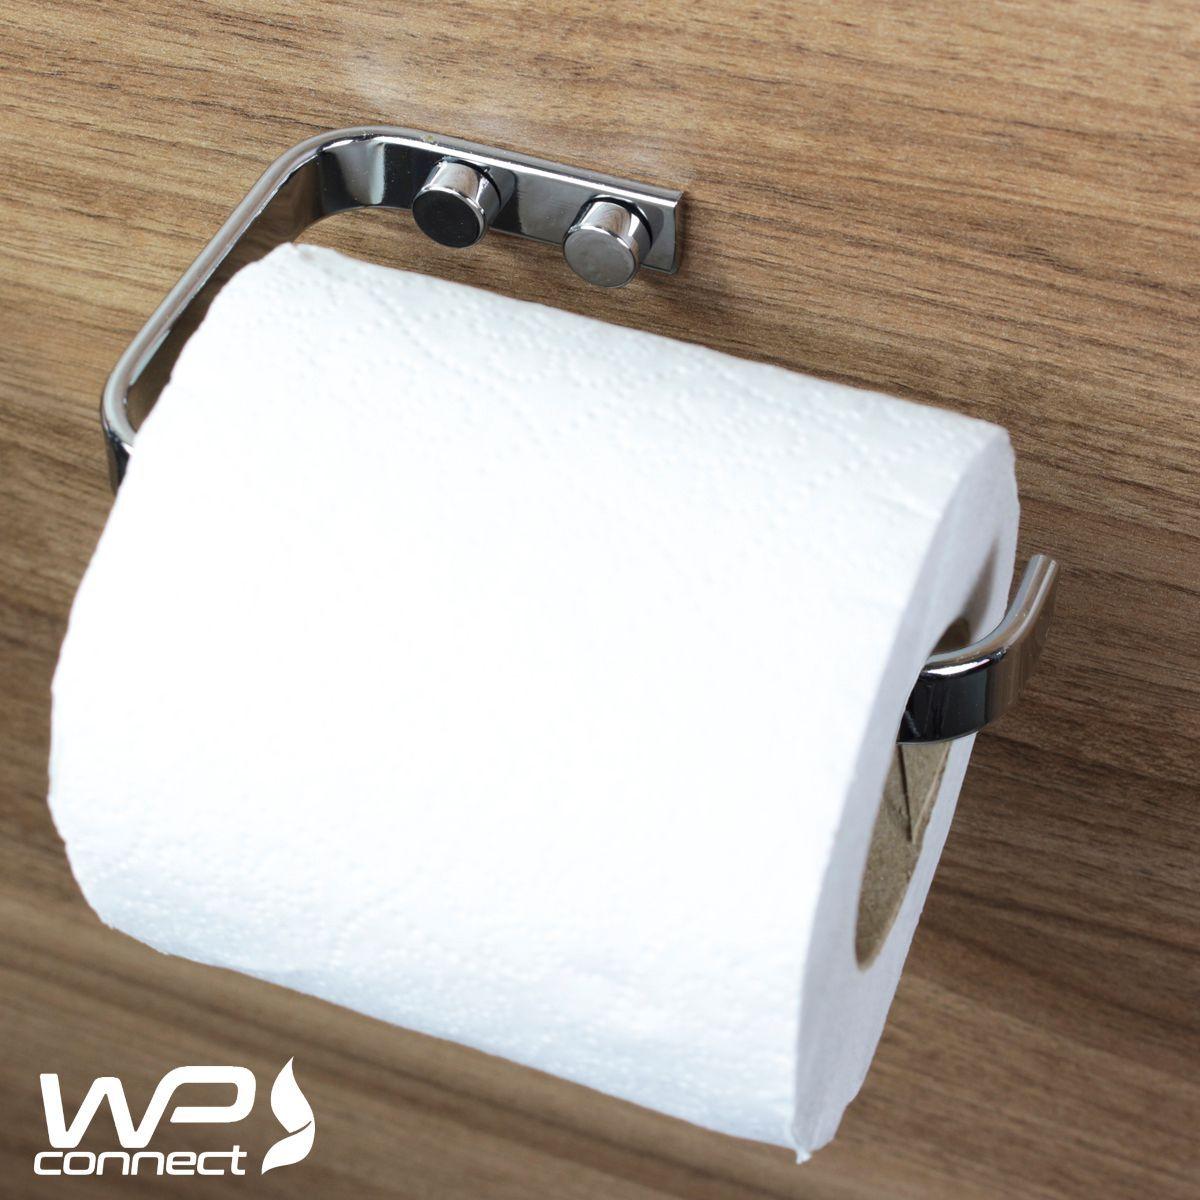 Kit Banheiro 5 Peças Suportes Organizadores Fixação Parafuso - Cromado